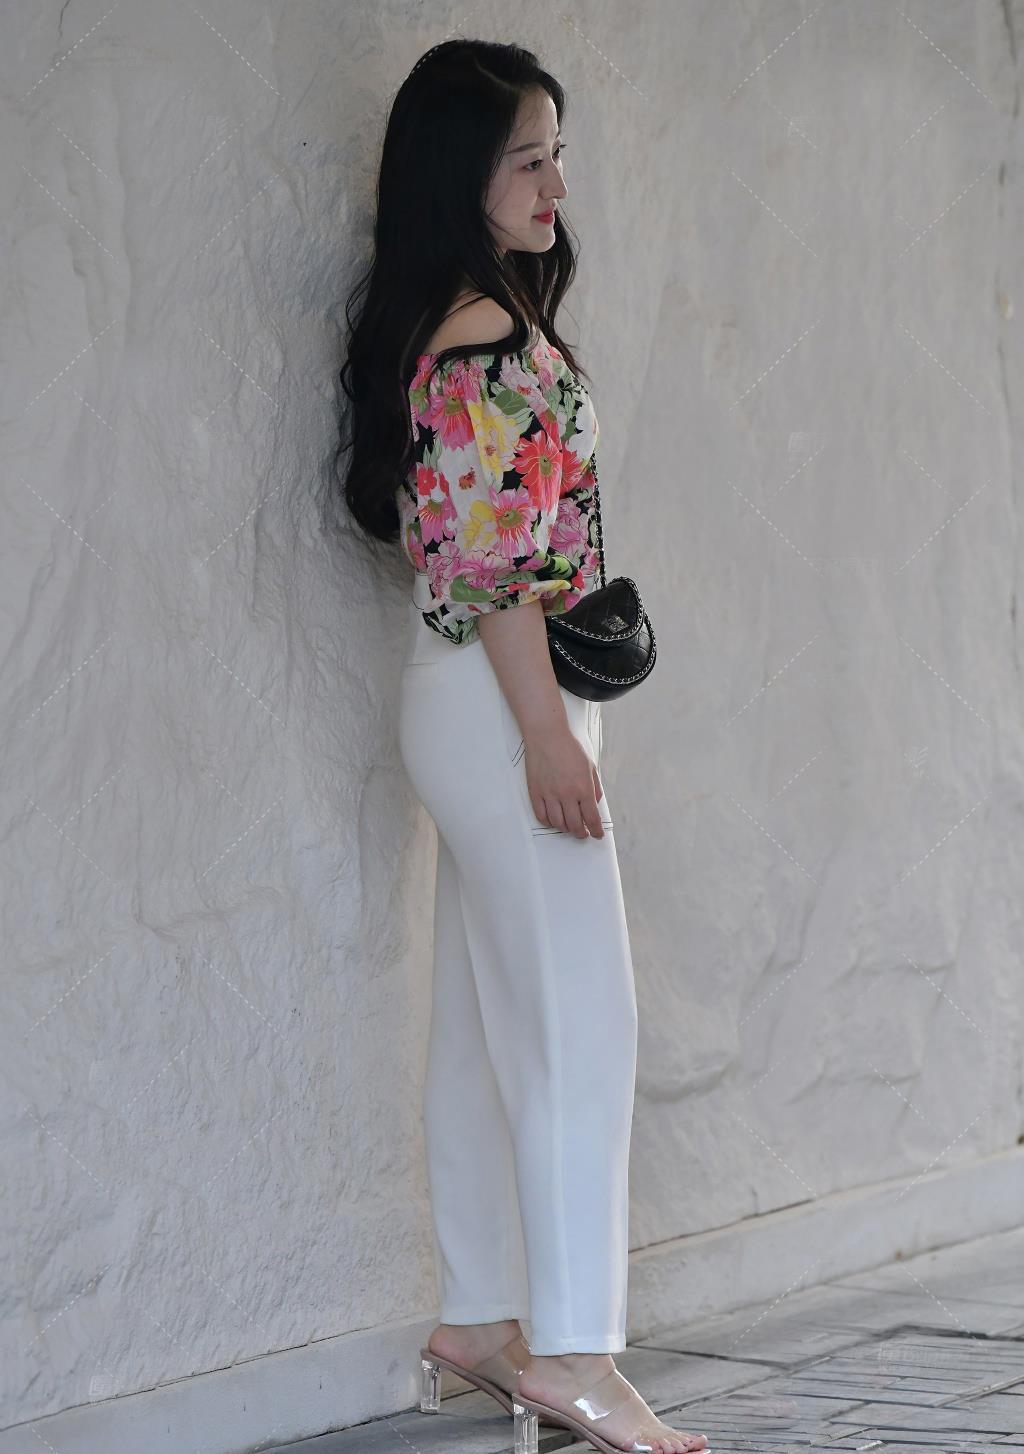 阔腿裤穿出夏日的优雅美,搭配碎花一字肩,清新减龄又美丽逼人